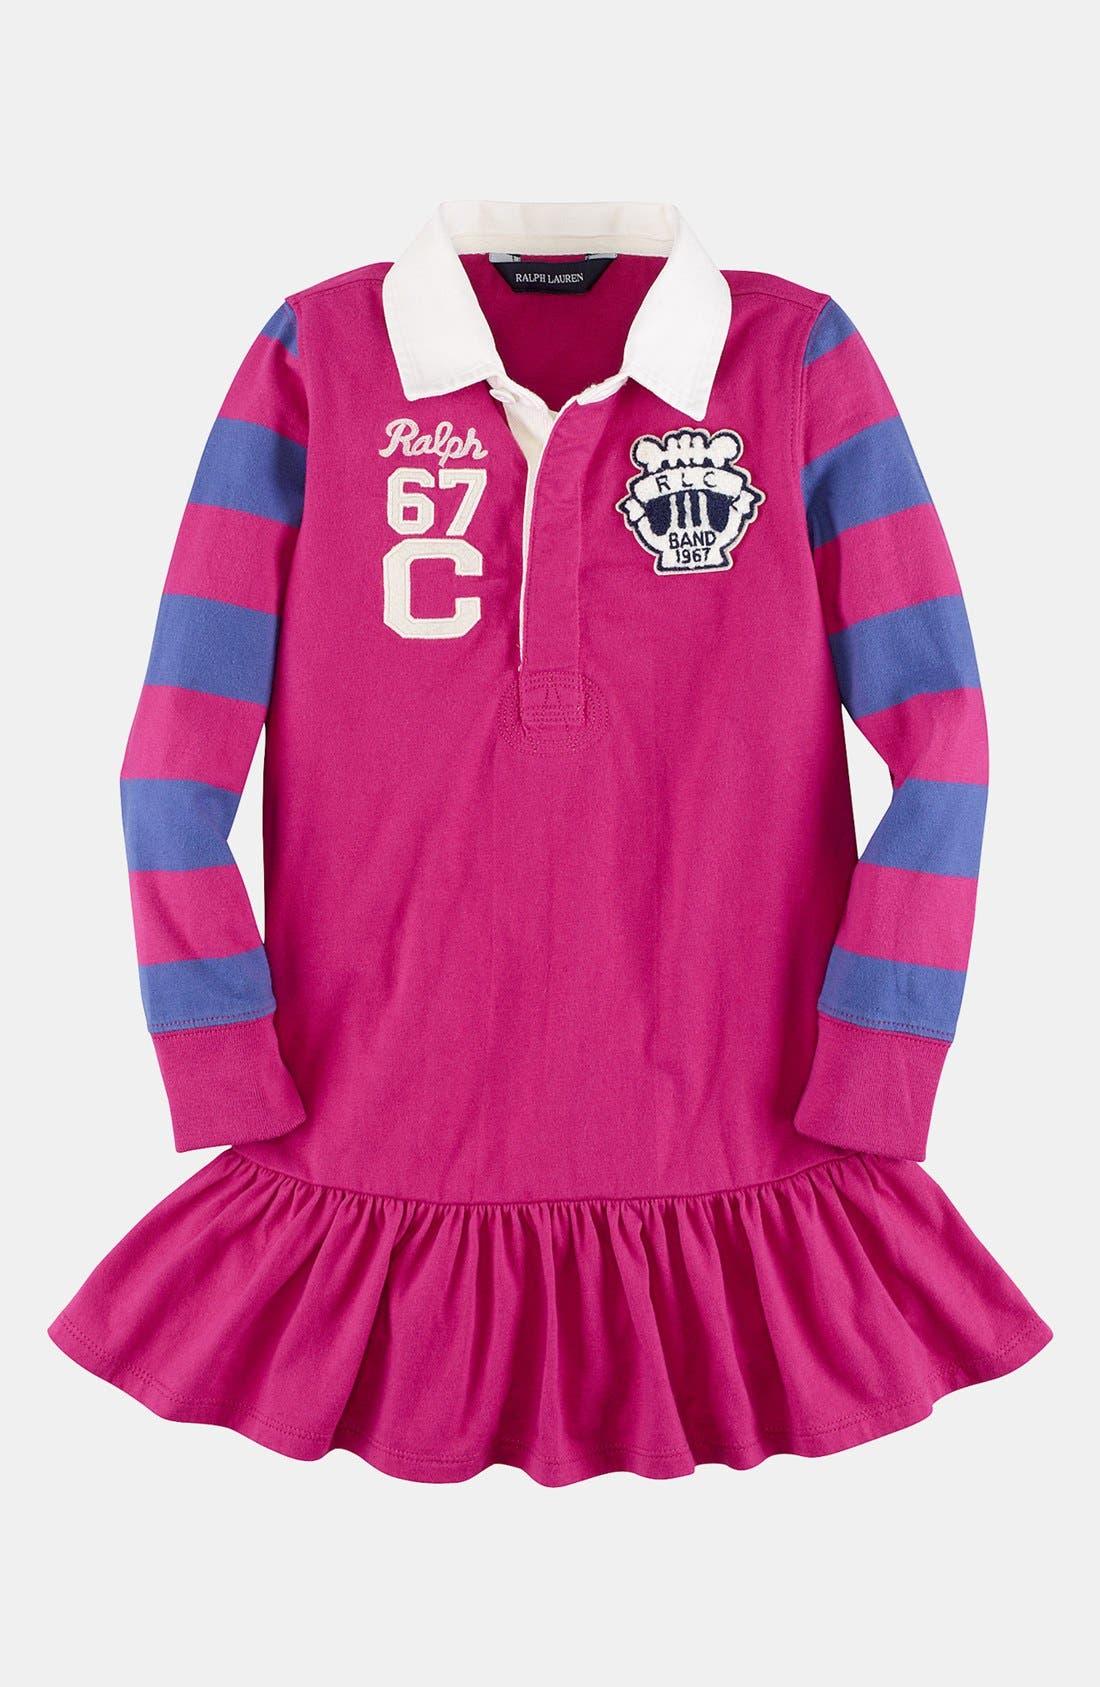 Main Image - Ralph Lauren Rugby Dress (Toddler Girls)